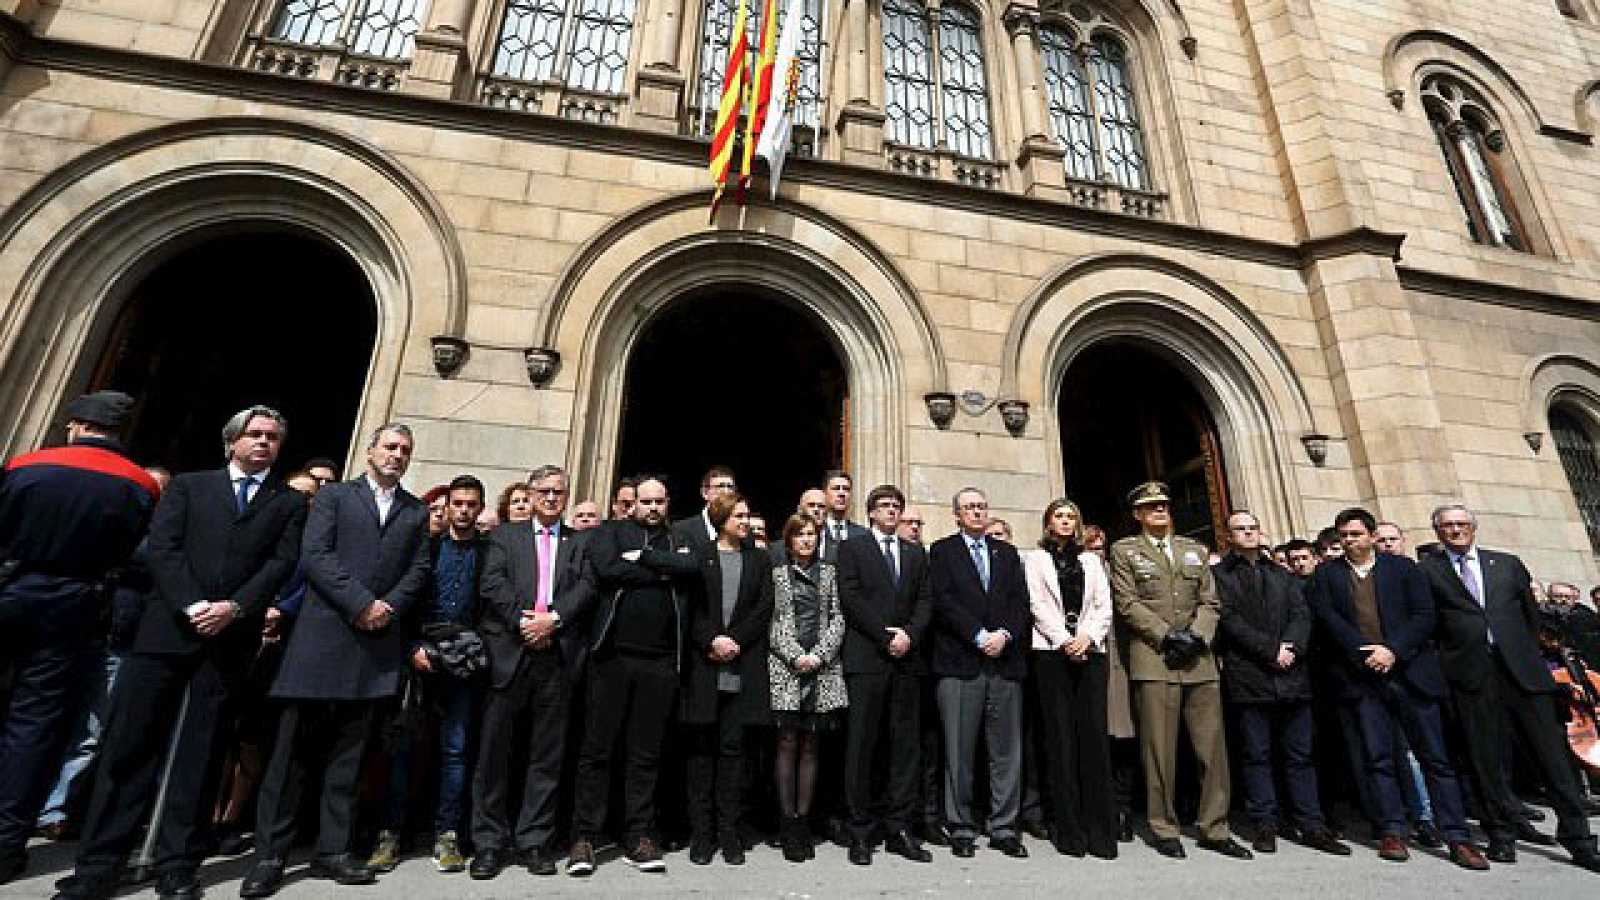 Concentraci n y homenaje en la universidad de barcelona a for Universidad de moda barcelona